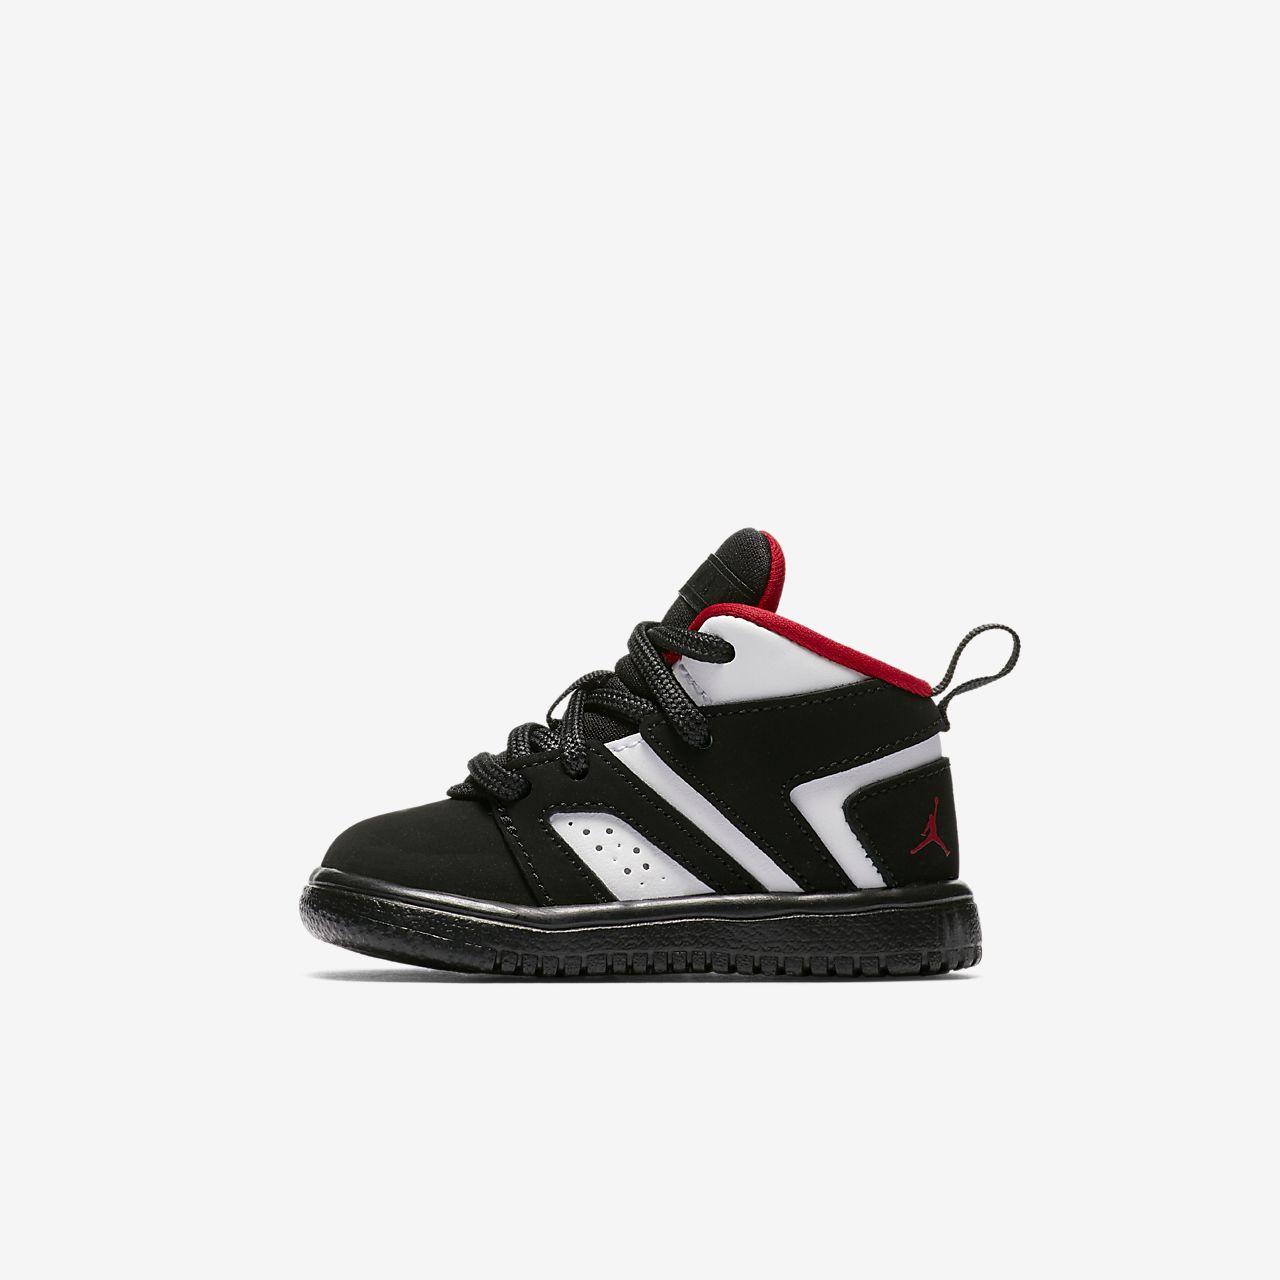 d0d652c4f5f Chaussure Jordan Flight Legend pour Bébé et Petit enfant ...